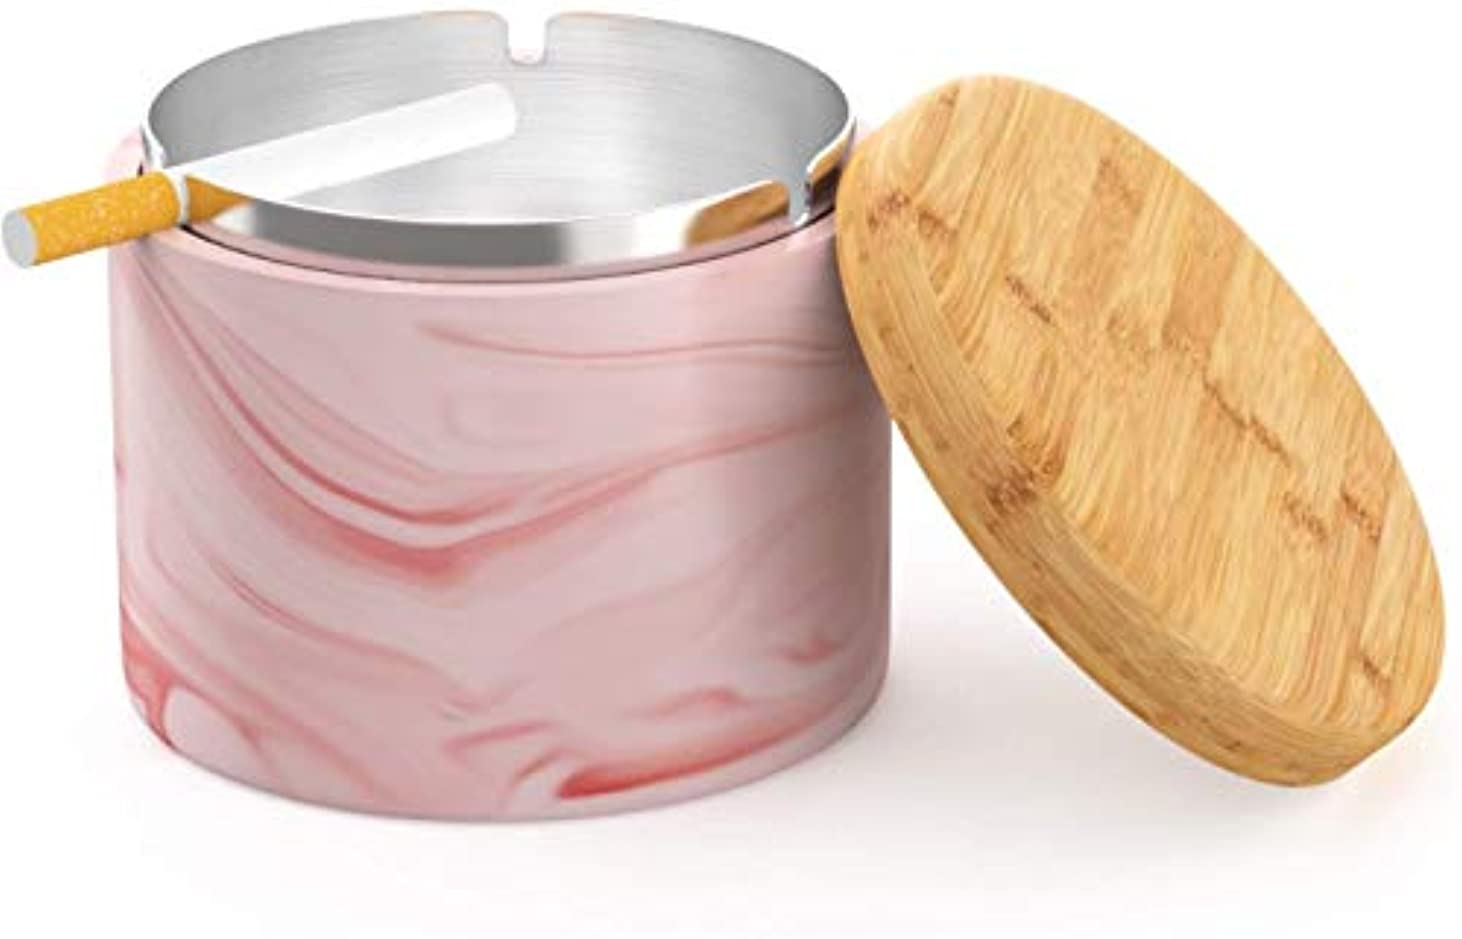 現実的凝視制約タバコのための蓋防風Homeまたは屋外の灰皿を持つセラミック灰皿(ピンク)